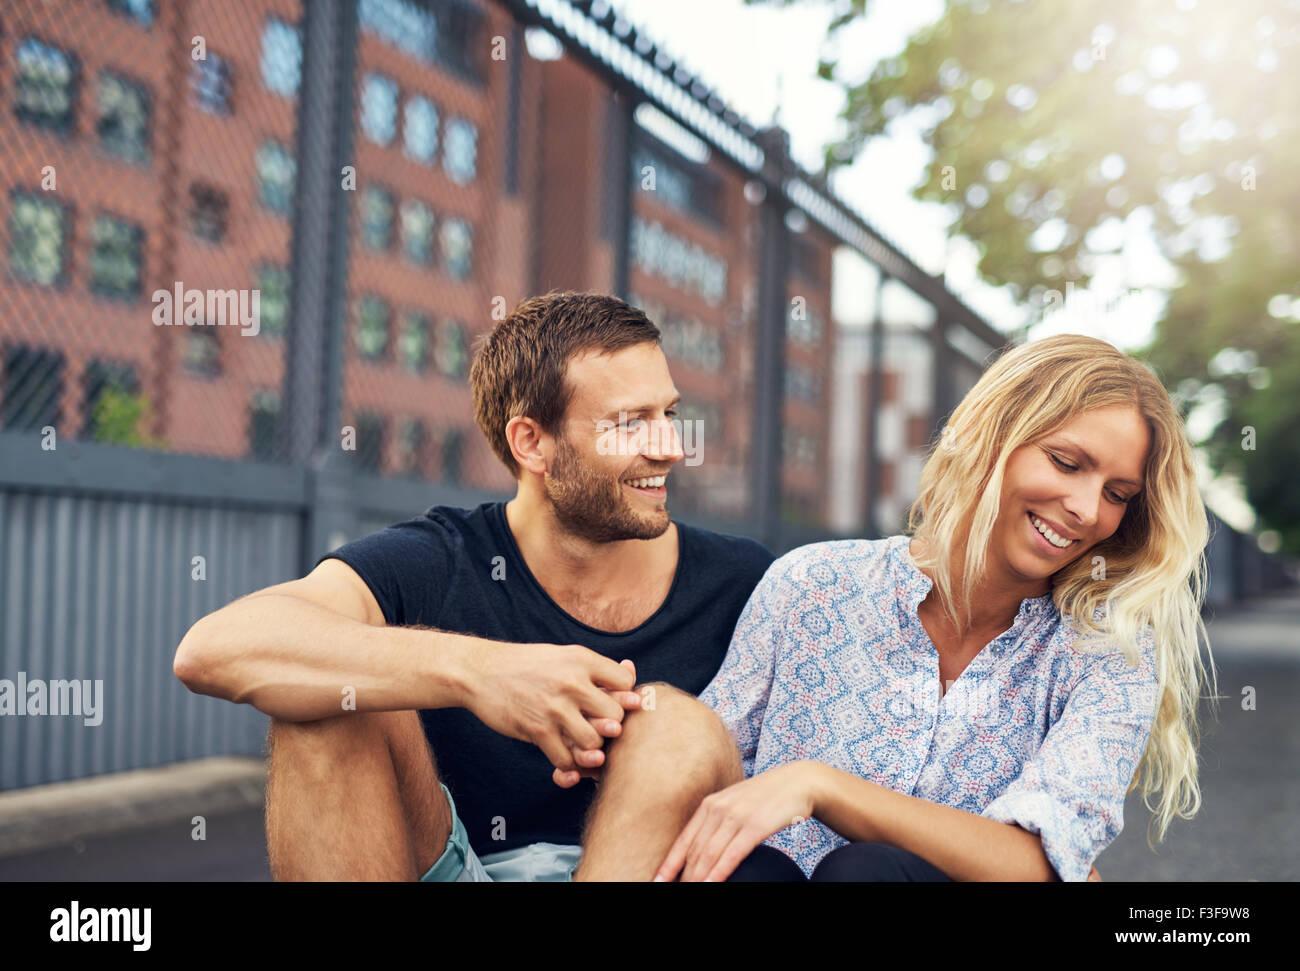 Taquiner l'homme à sa petite amie, grande ville couple in a park Banque D'Images